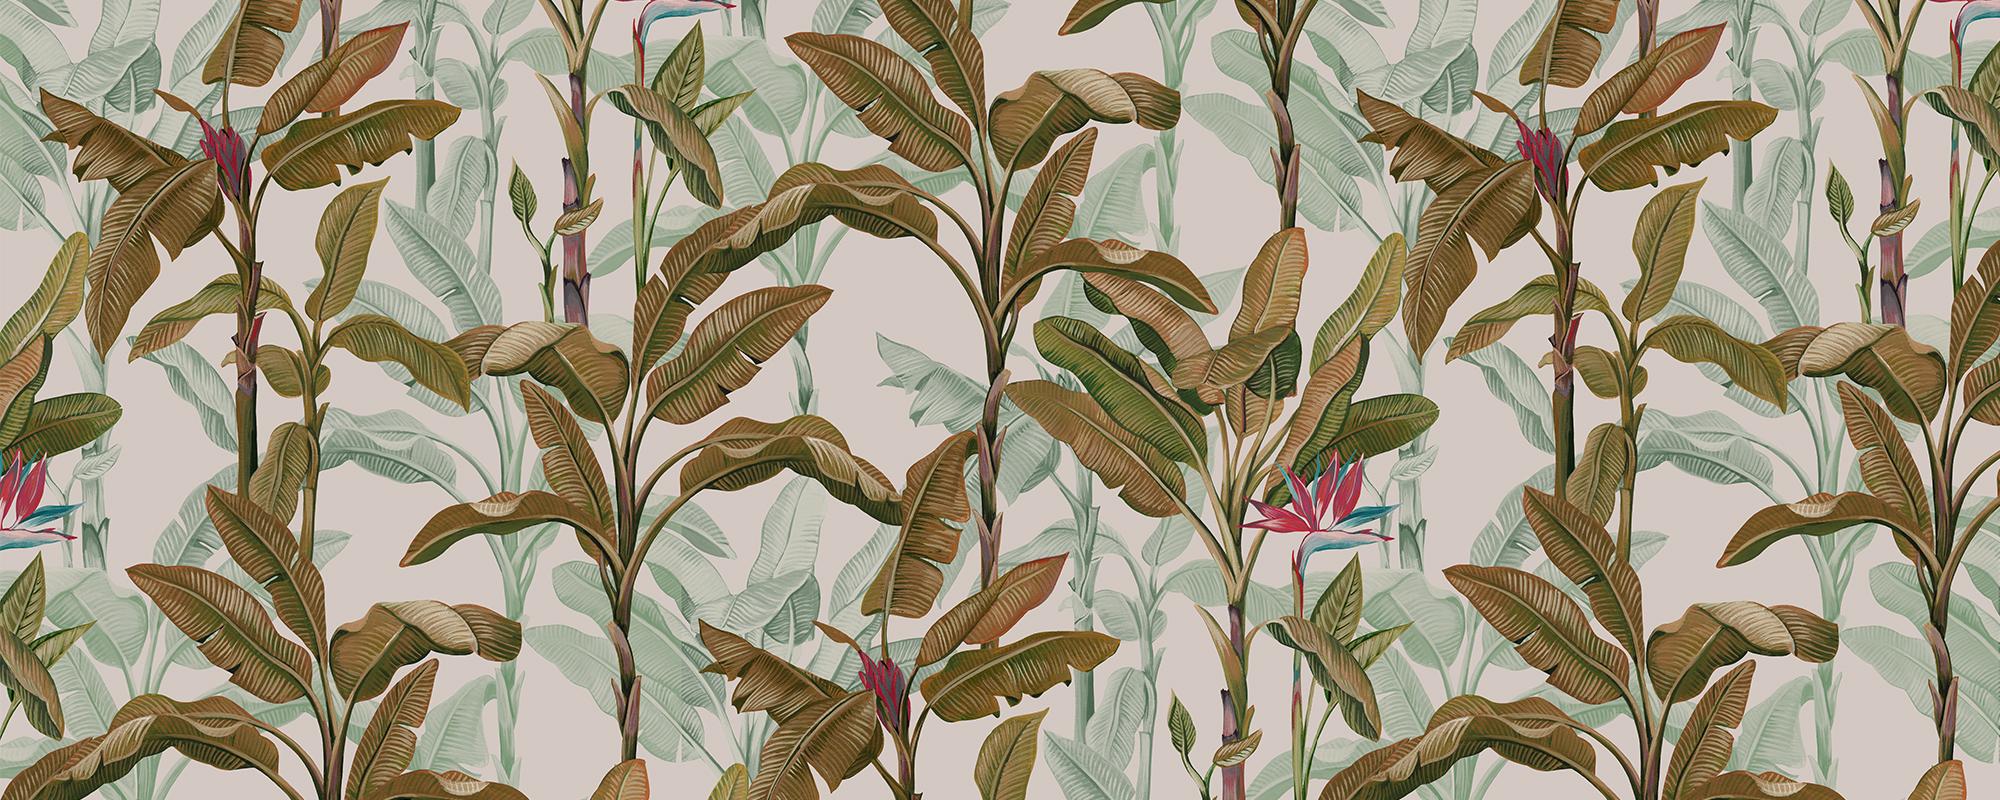 Papier peint feuilles de palmier fond clair